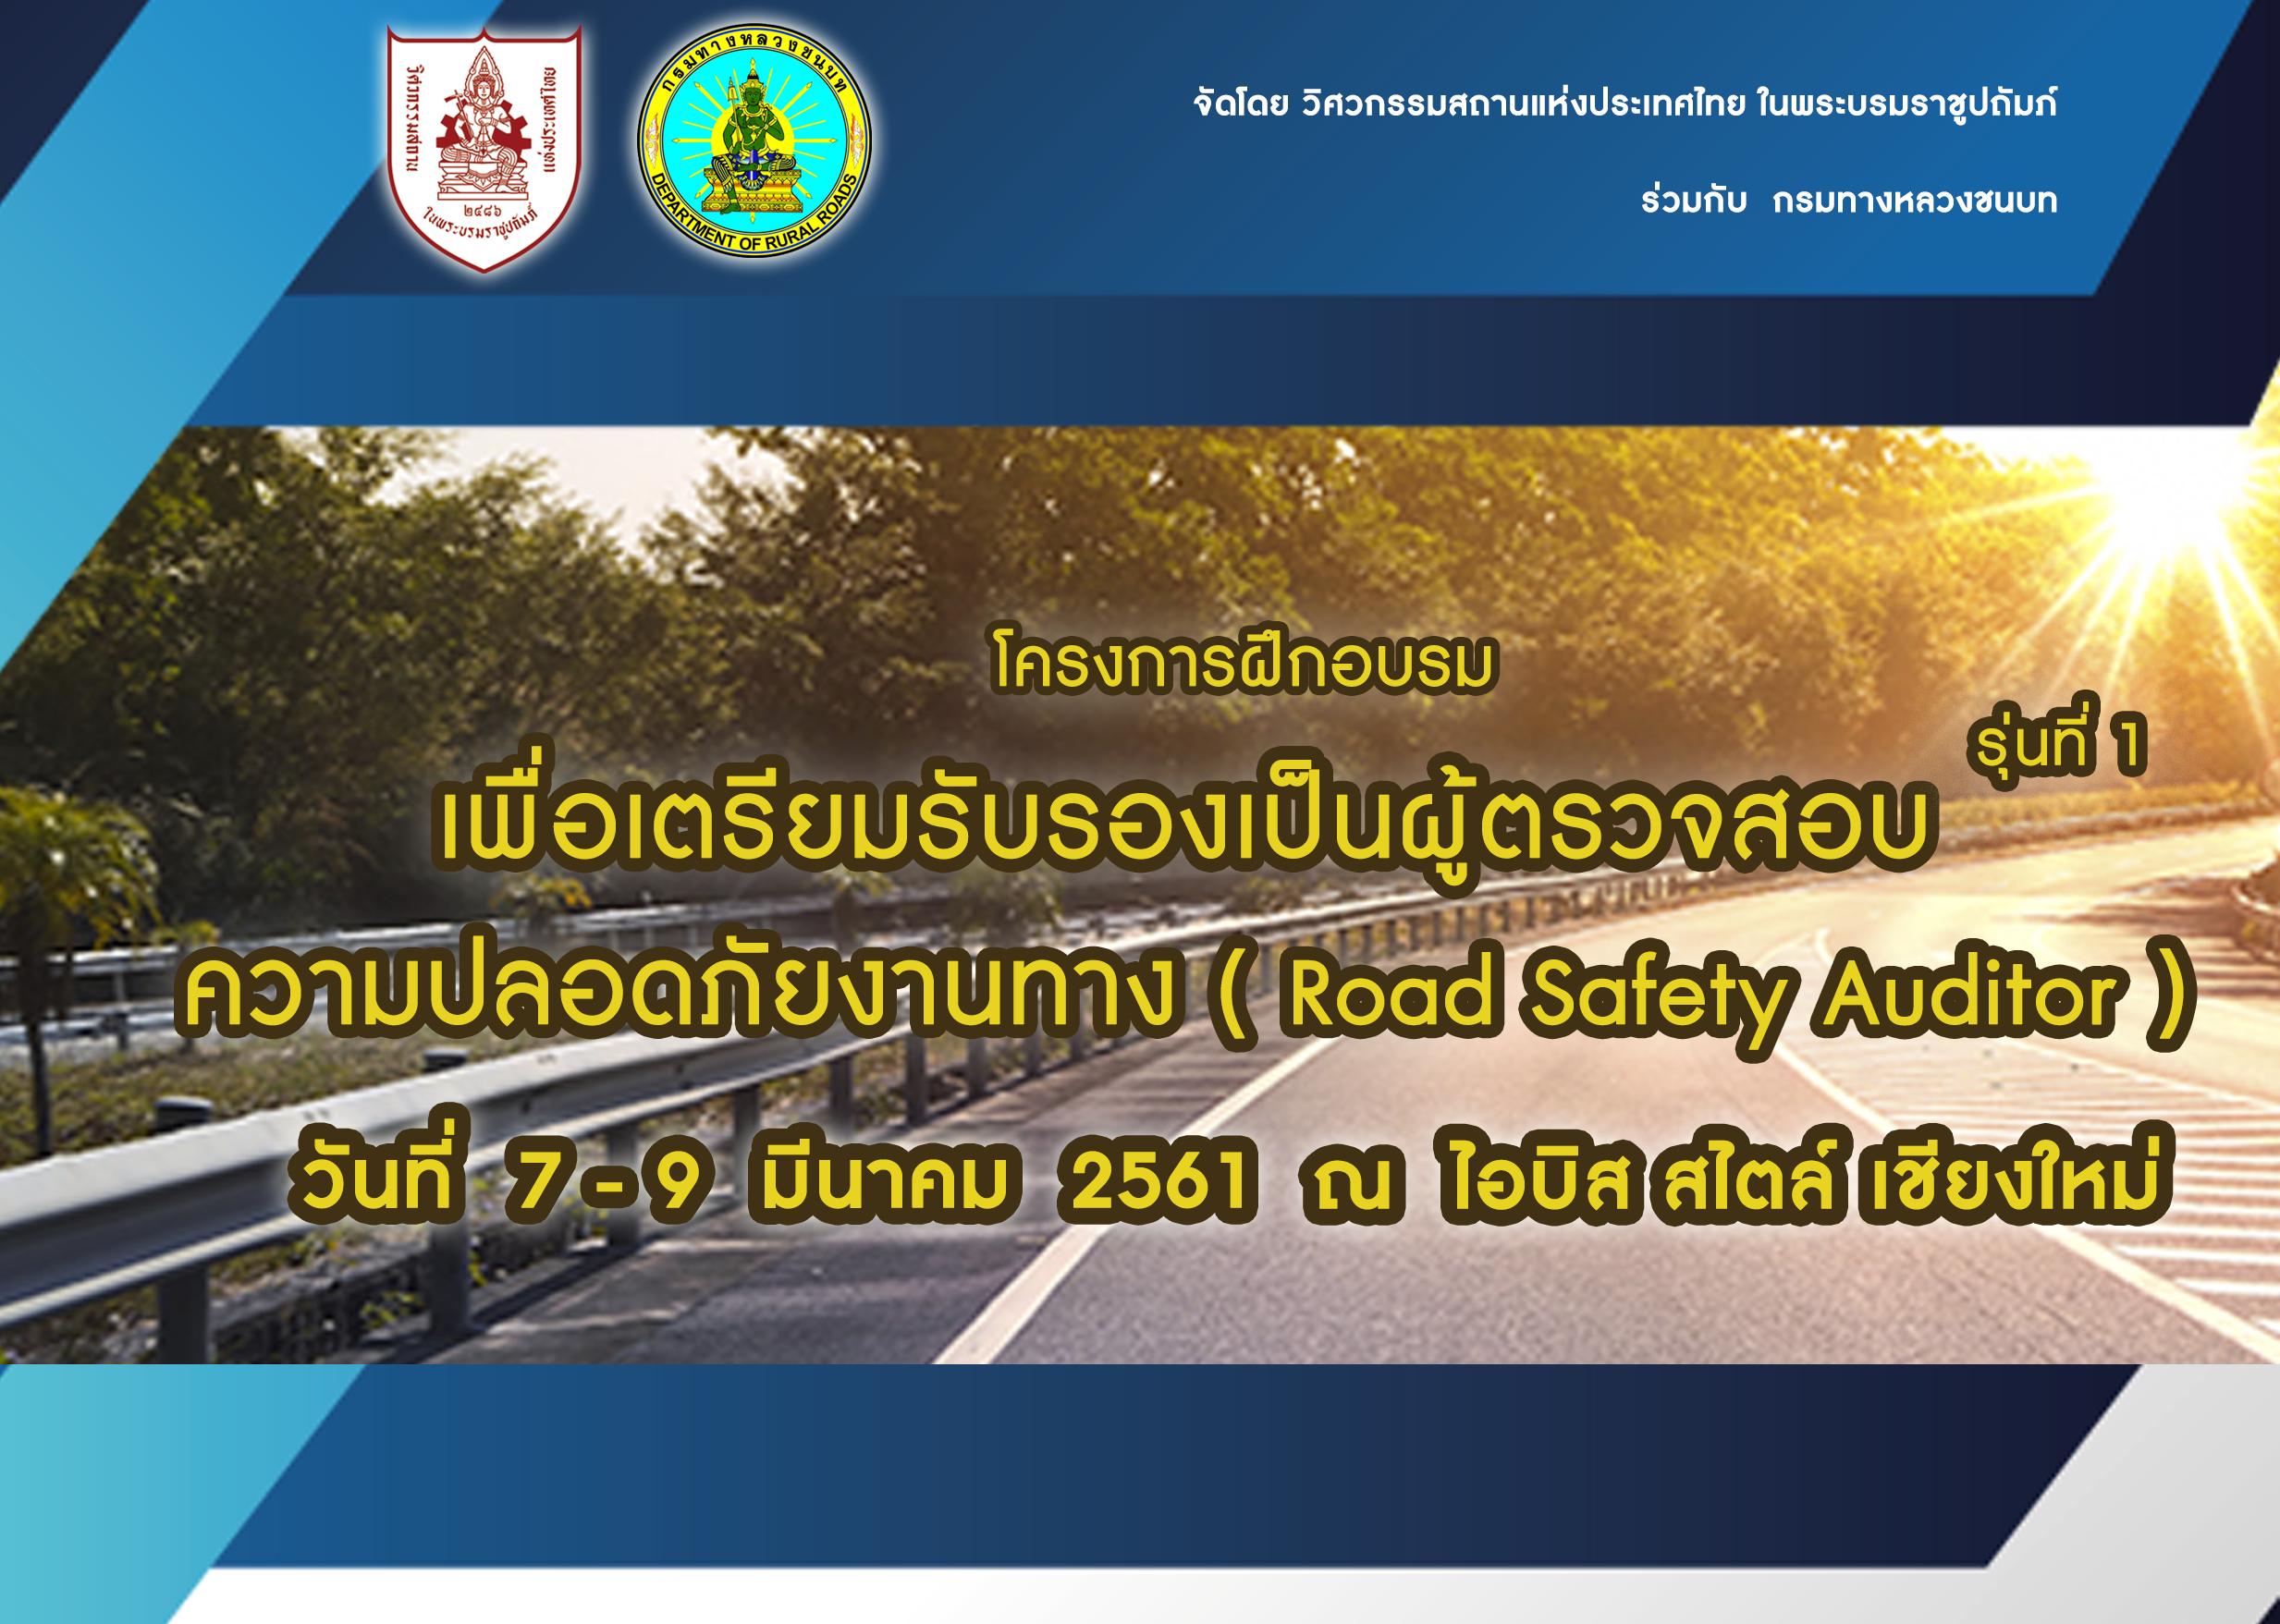 7-9/03/61โครงการฝึกอบรม เพื่อเตรียมรับรองเป็นผู้ตรวจสอบความปลอดภัยงานทาง  ( Road Safety Audit)   สำหรับกรมทางหลวงชนบท (รุ่นที่1) จ.เชียงใหม่